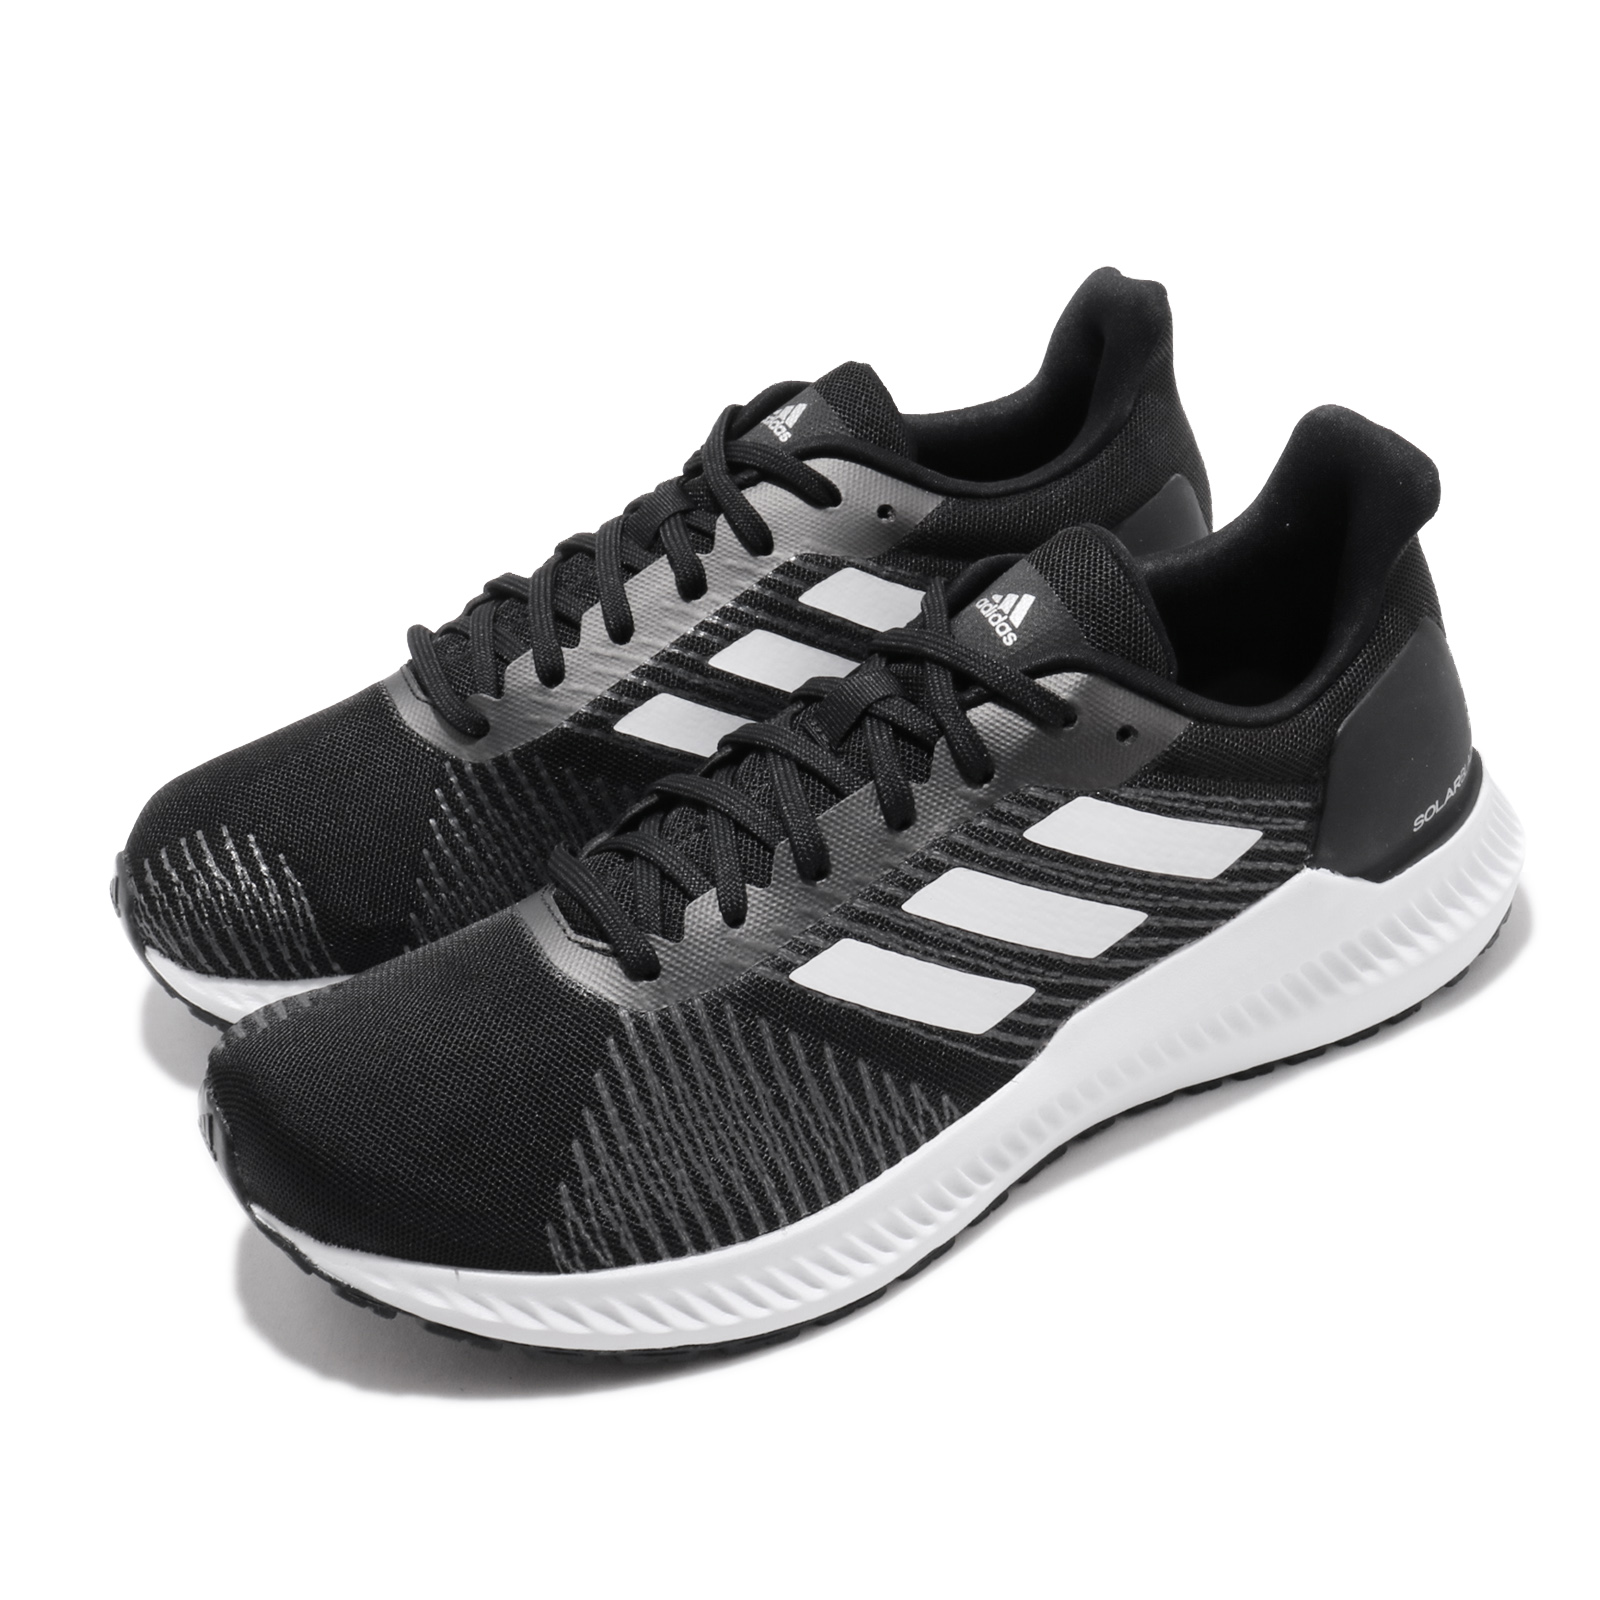 adidas 慢跑鞋 Solar Blaze M 男鞋 G27775